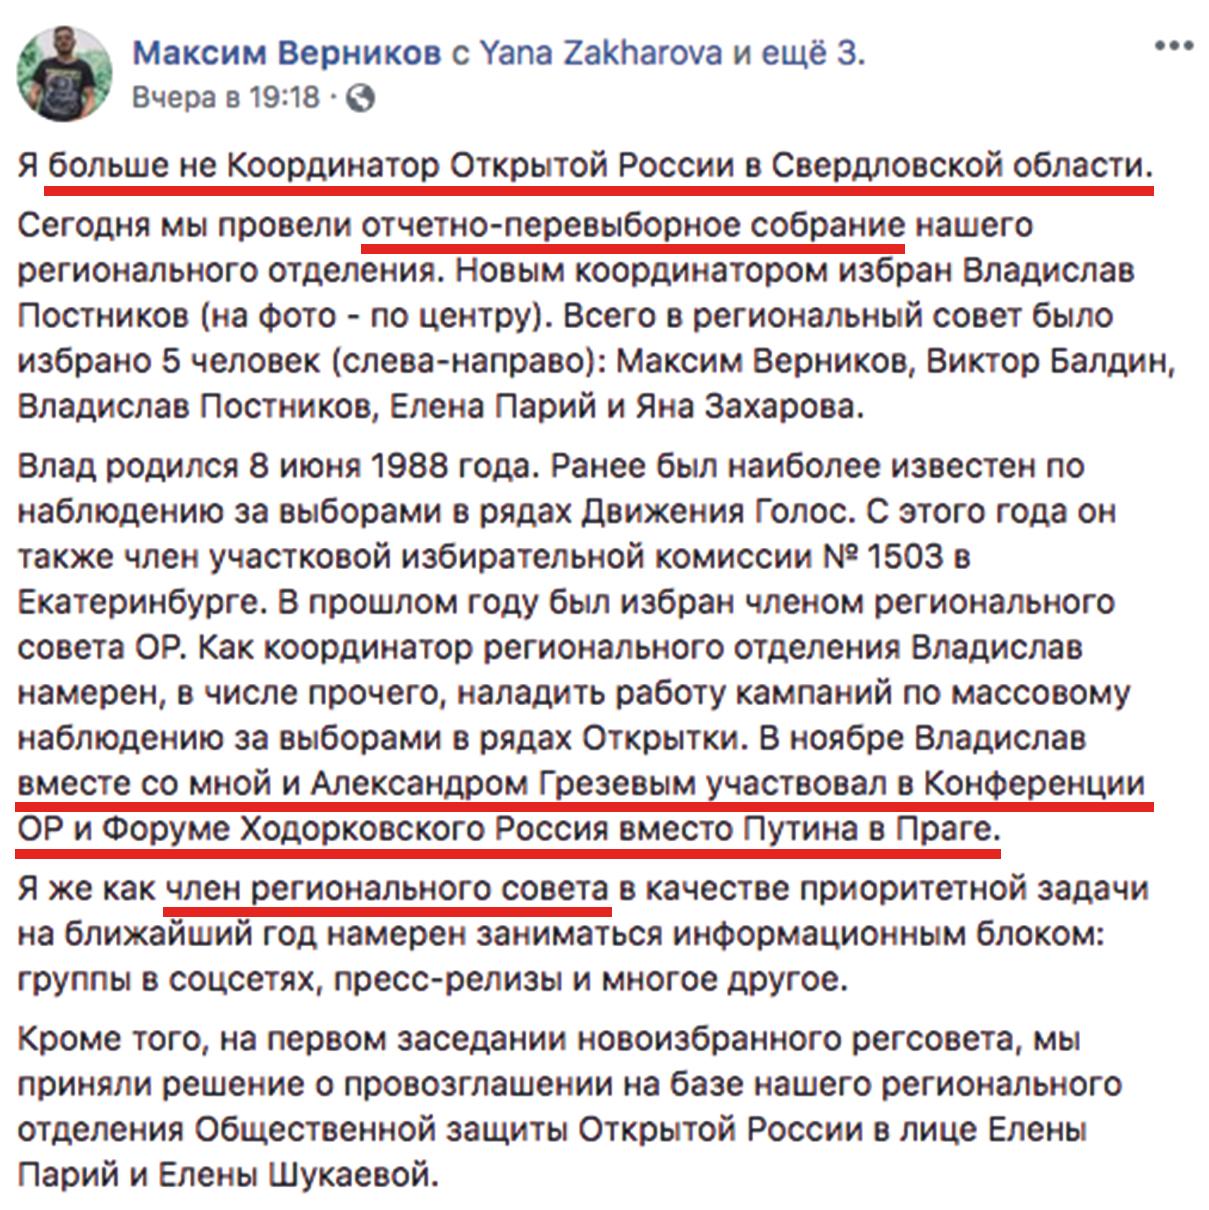 Максим Верников сложил полномочия координатора